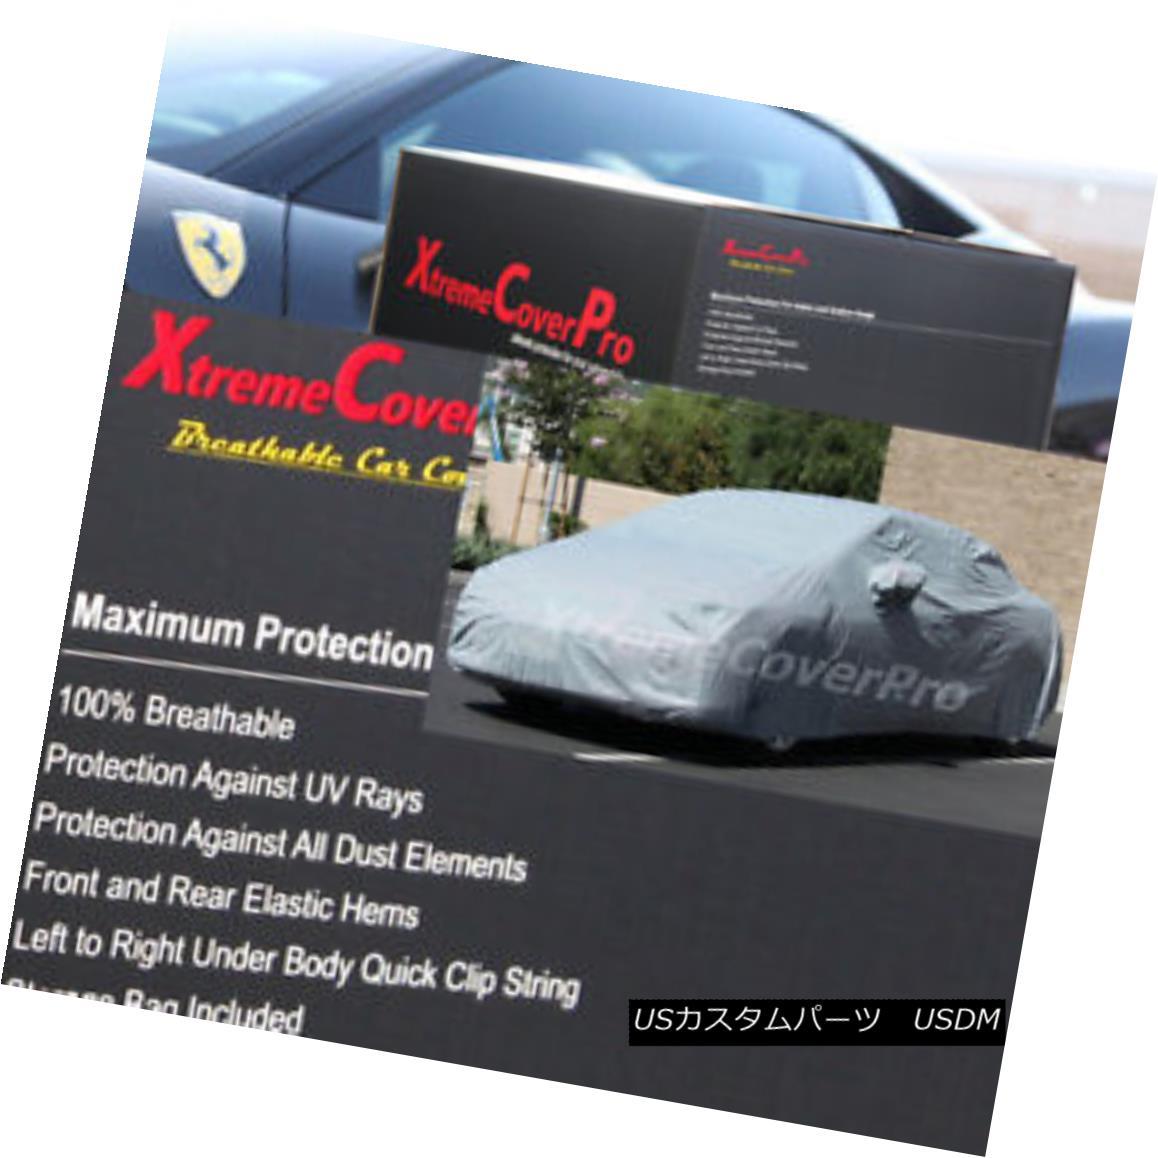 カーカバー 2015 JAGUAR XK XKR CONVERTIBLE Breathable Car Cover w/Mirror Pockets - Gray 2015 JAGUAR XK XKRコンバーチブル通気性車カバー付き/ミラーポケット - グレー